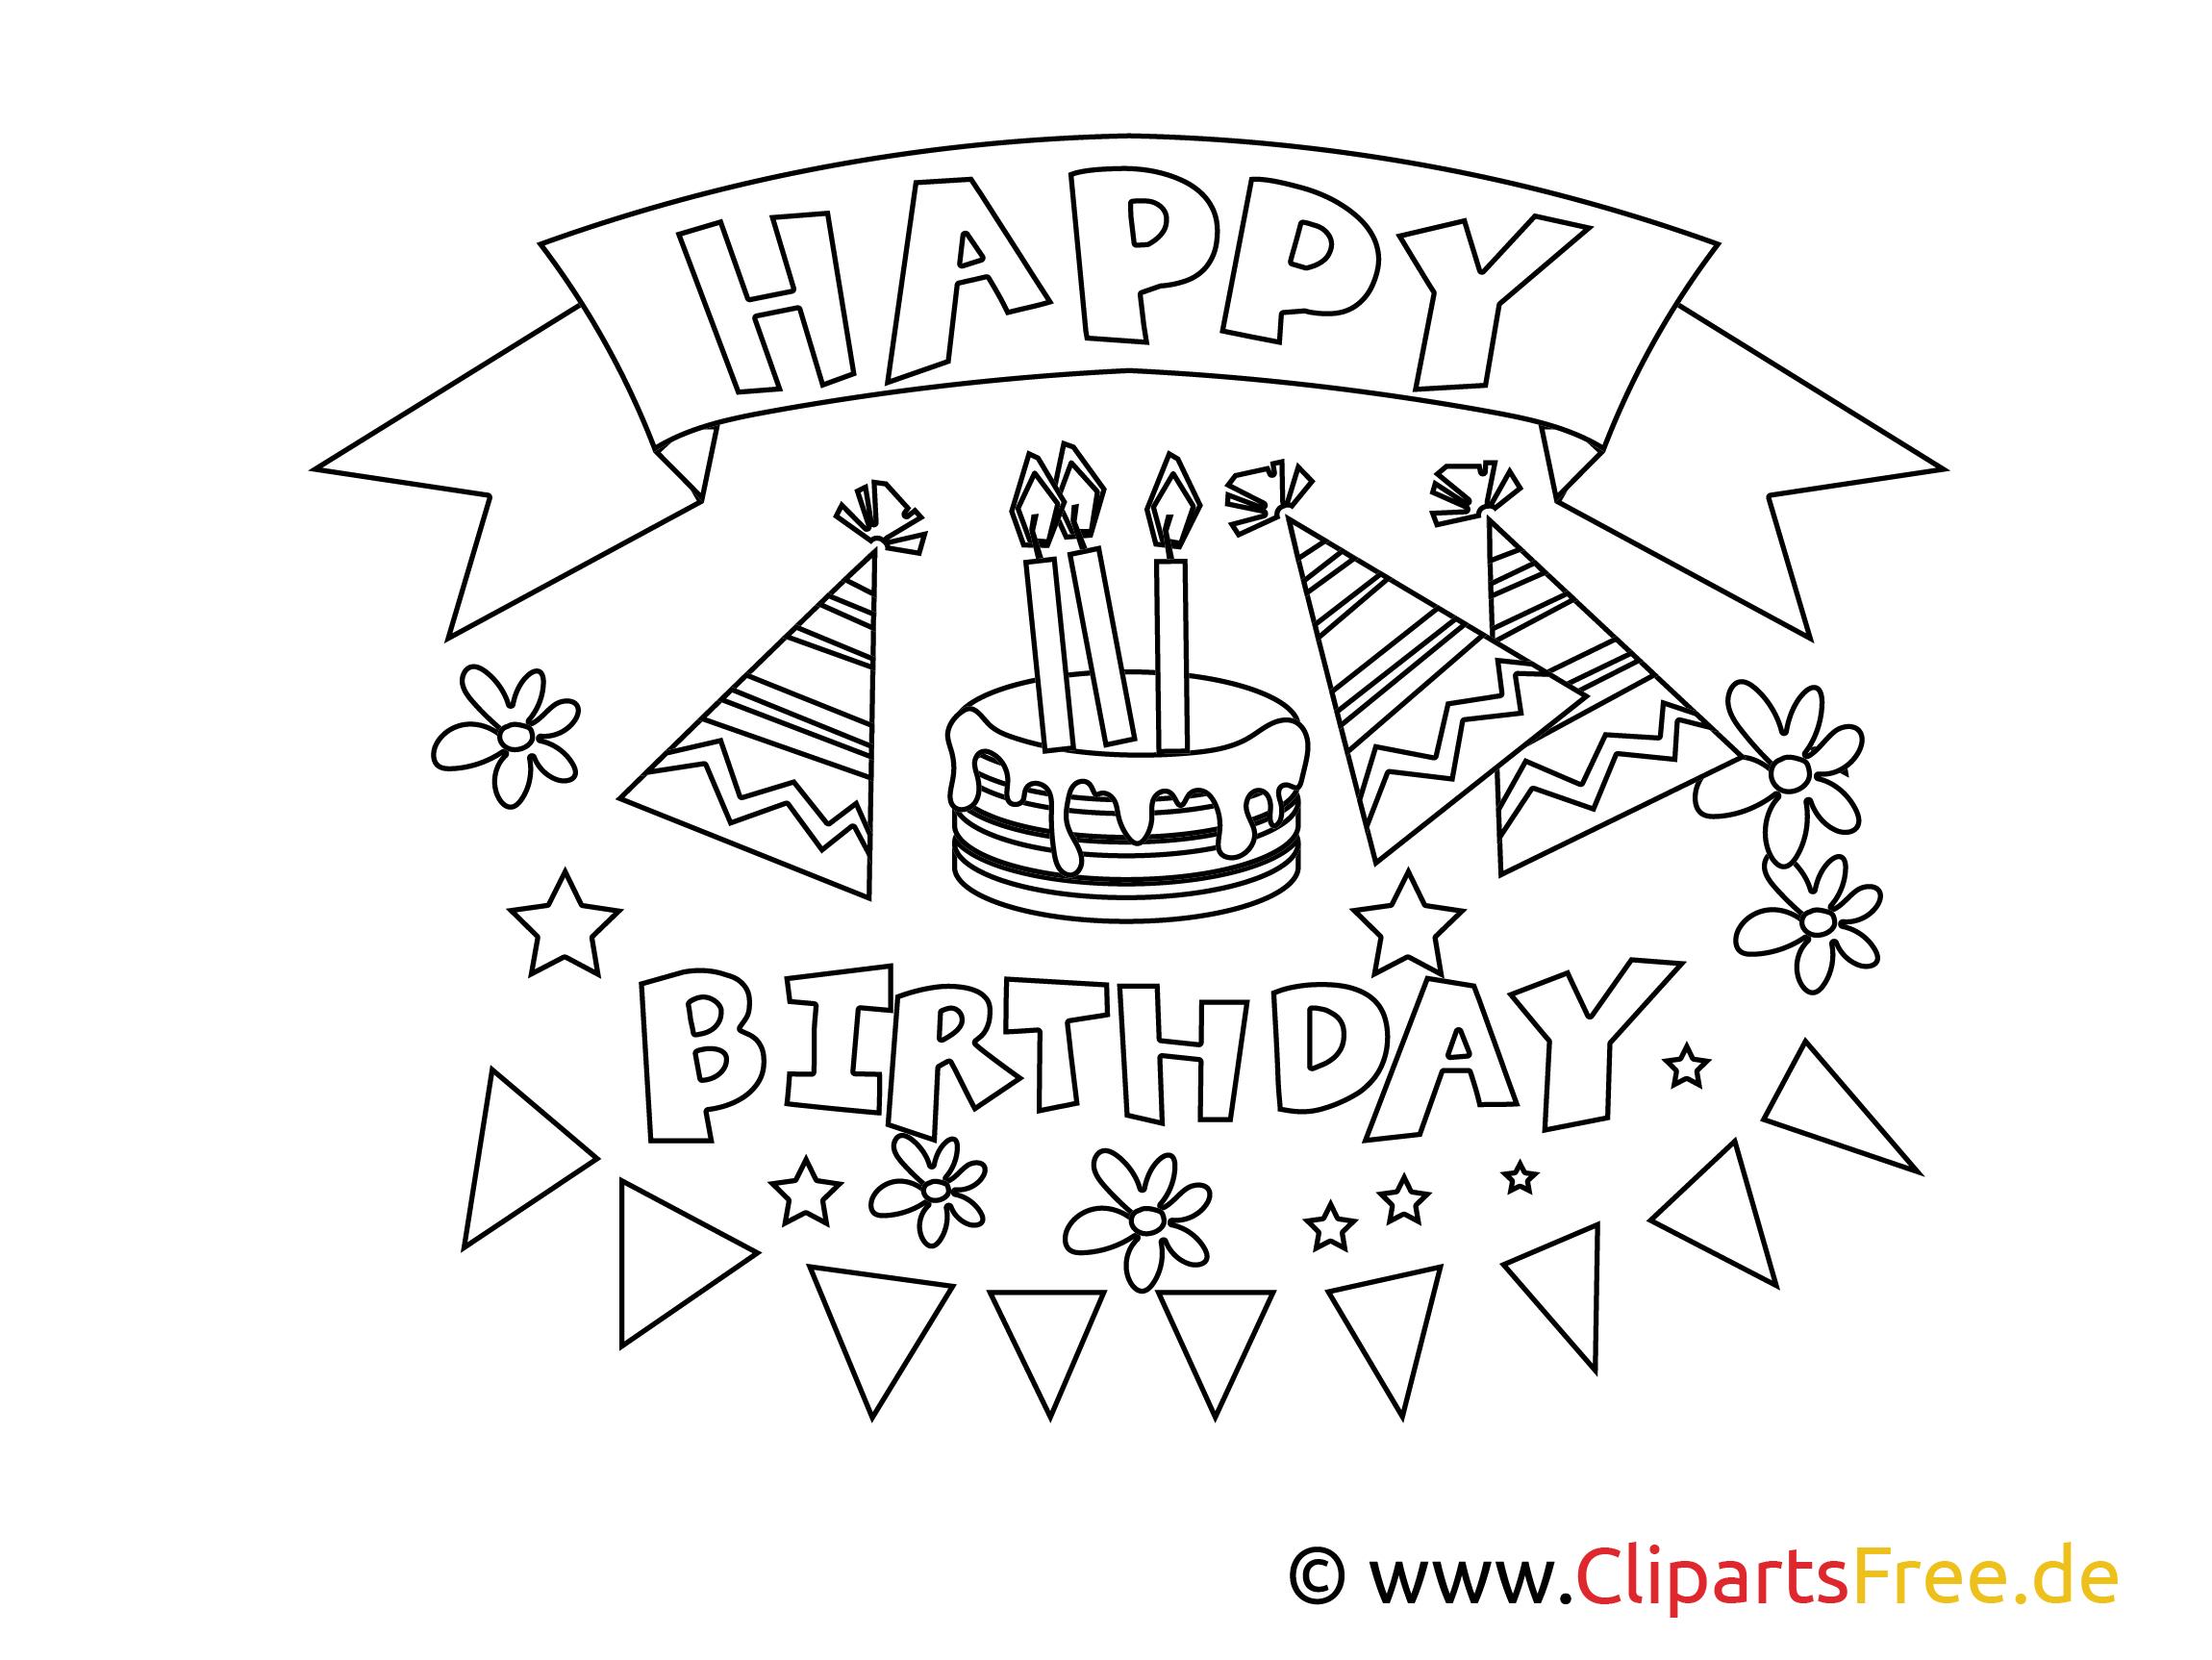 Neu Ausmalbilder Happy Birthday | Ausmalbilder, Ausmalen bestimmt für Happy Birthday Ausmalbilder Kostenlos